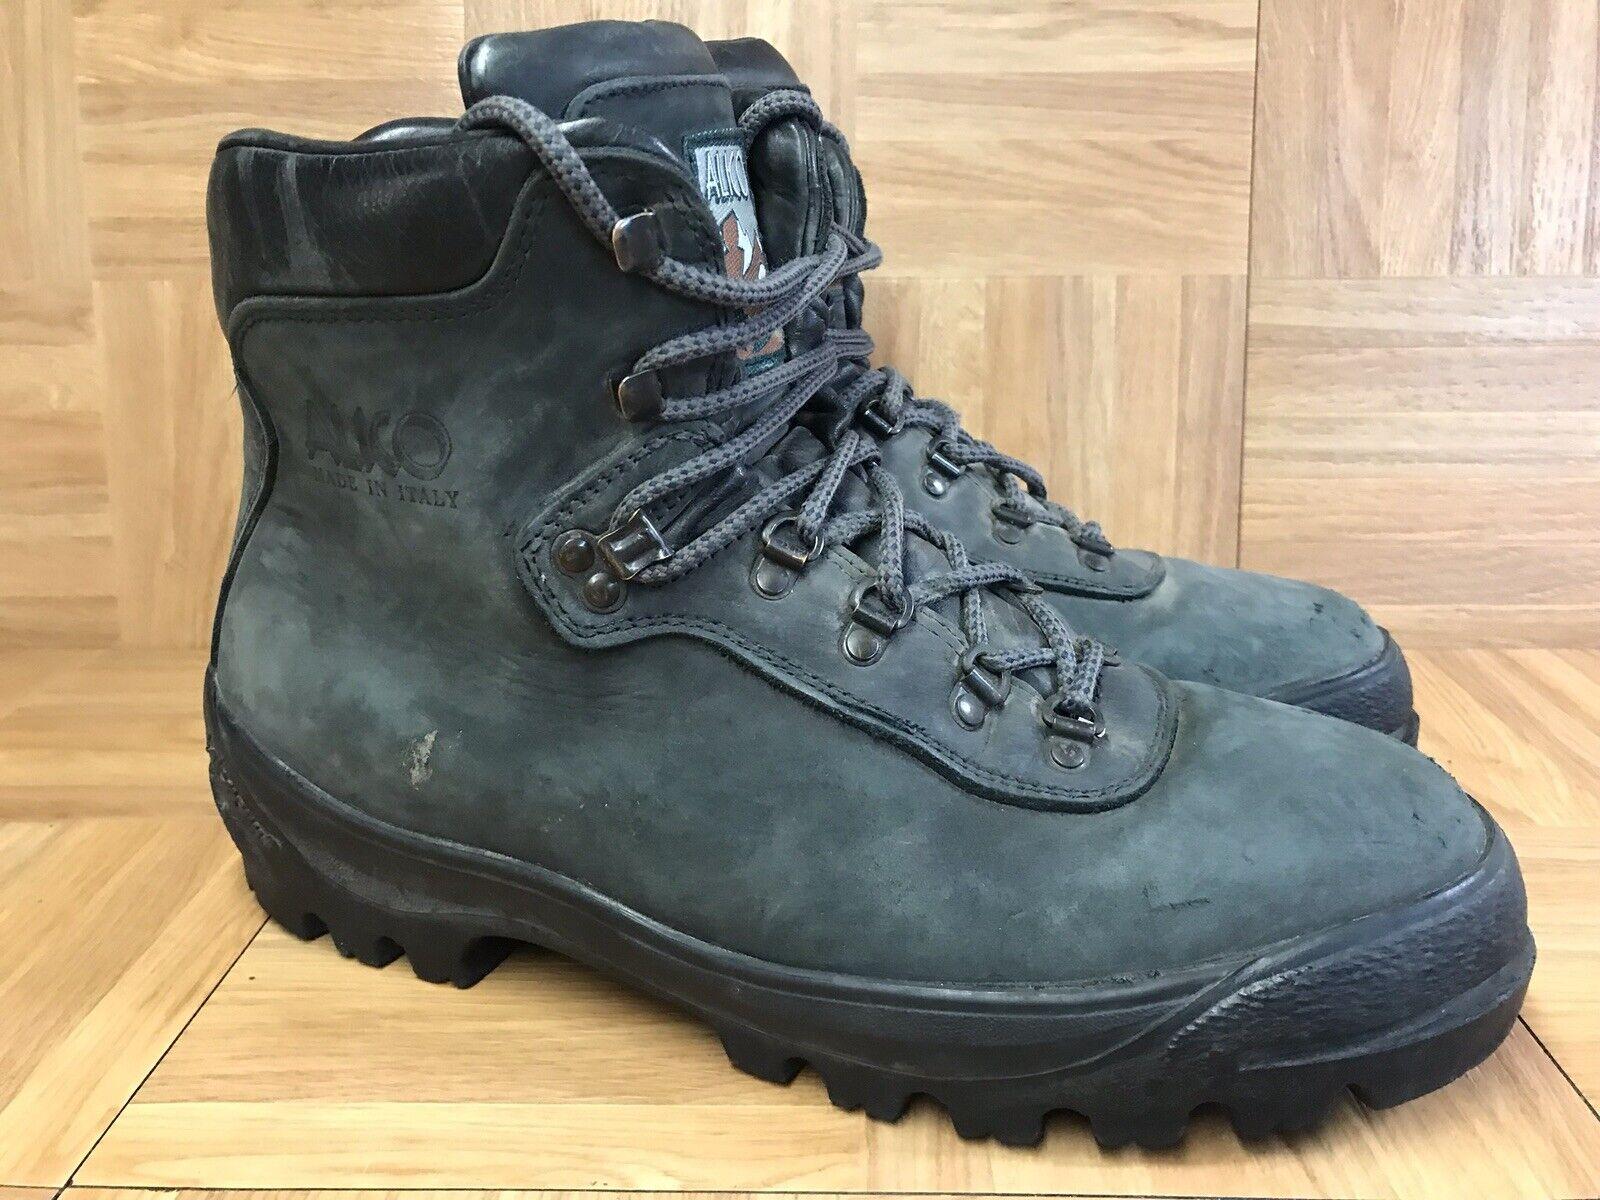 qualità ufficiale RARE RARE RARE Alico Hiking stivali Made in  Sz 12 Uomo Mountaineering scarpe Charcoal  marchi di moda